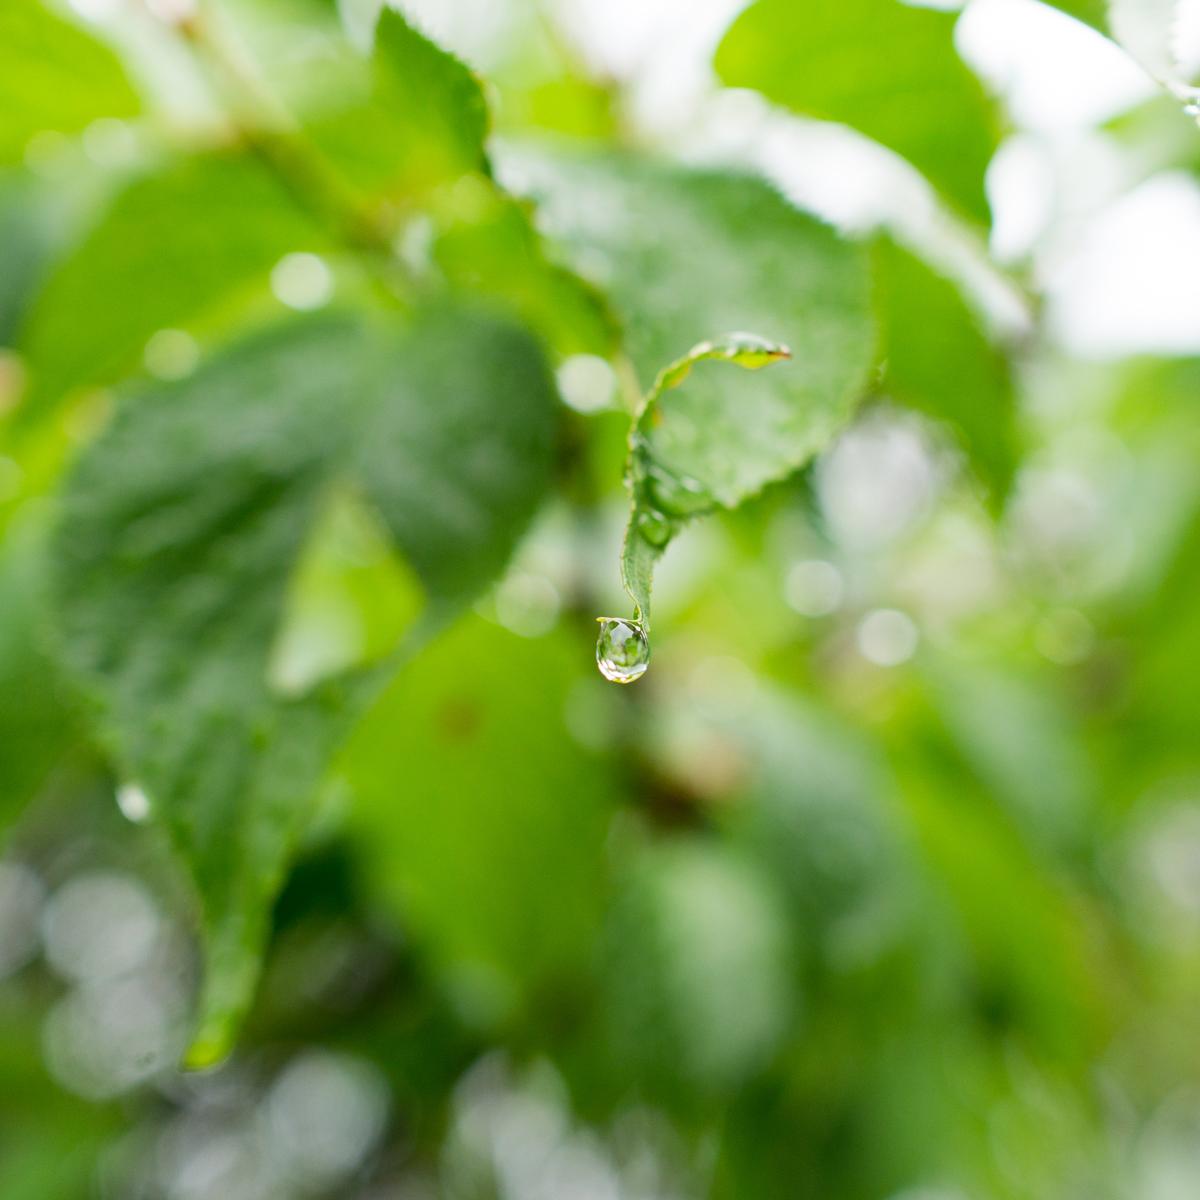 屋久島雨のしずく 木漏れ日 屋久島雨とジュエリー オーダーメイドマリッジリングのモチーフ